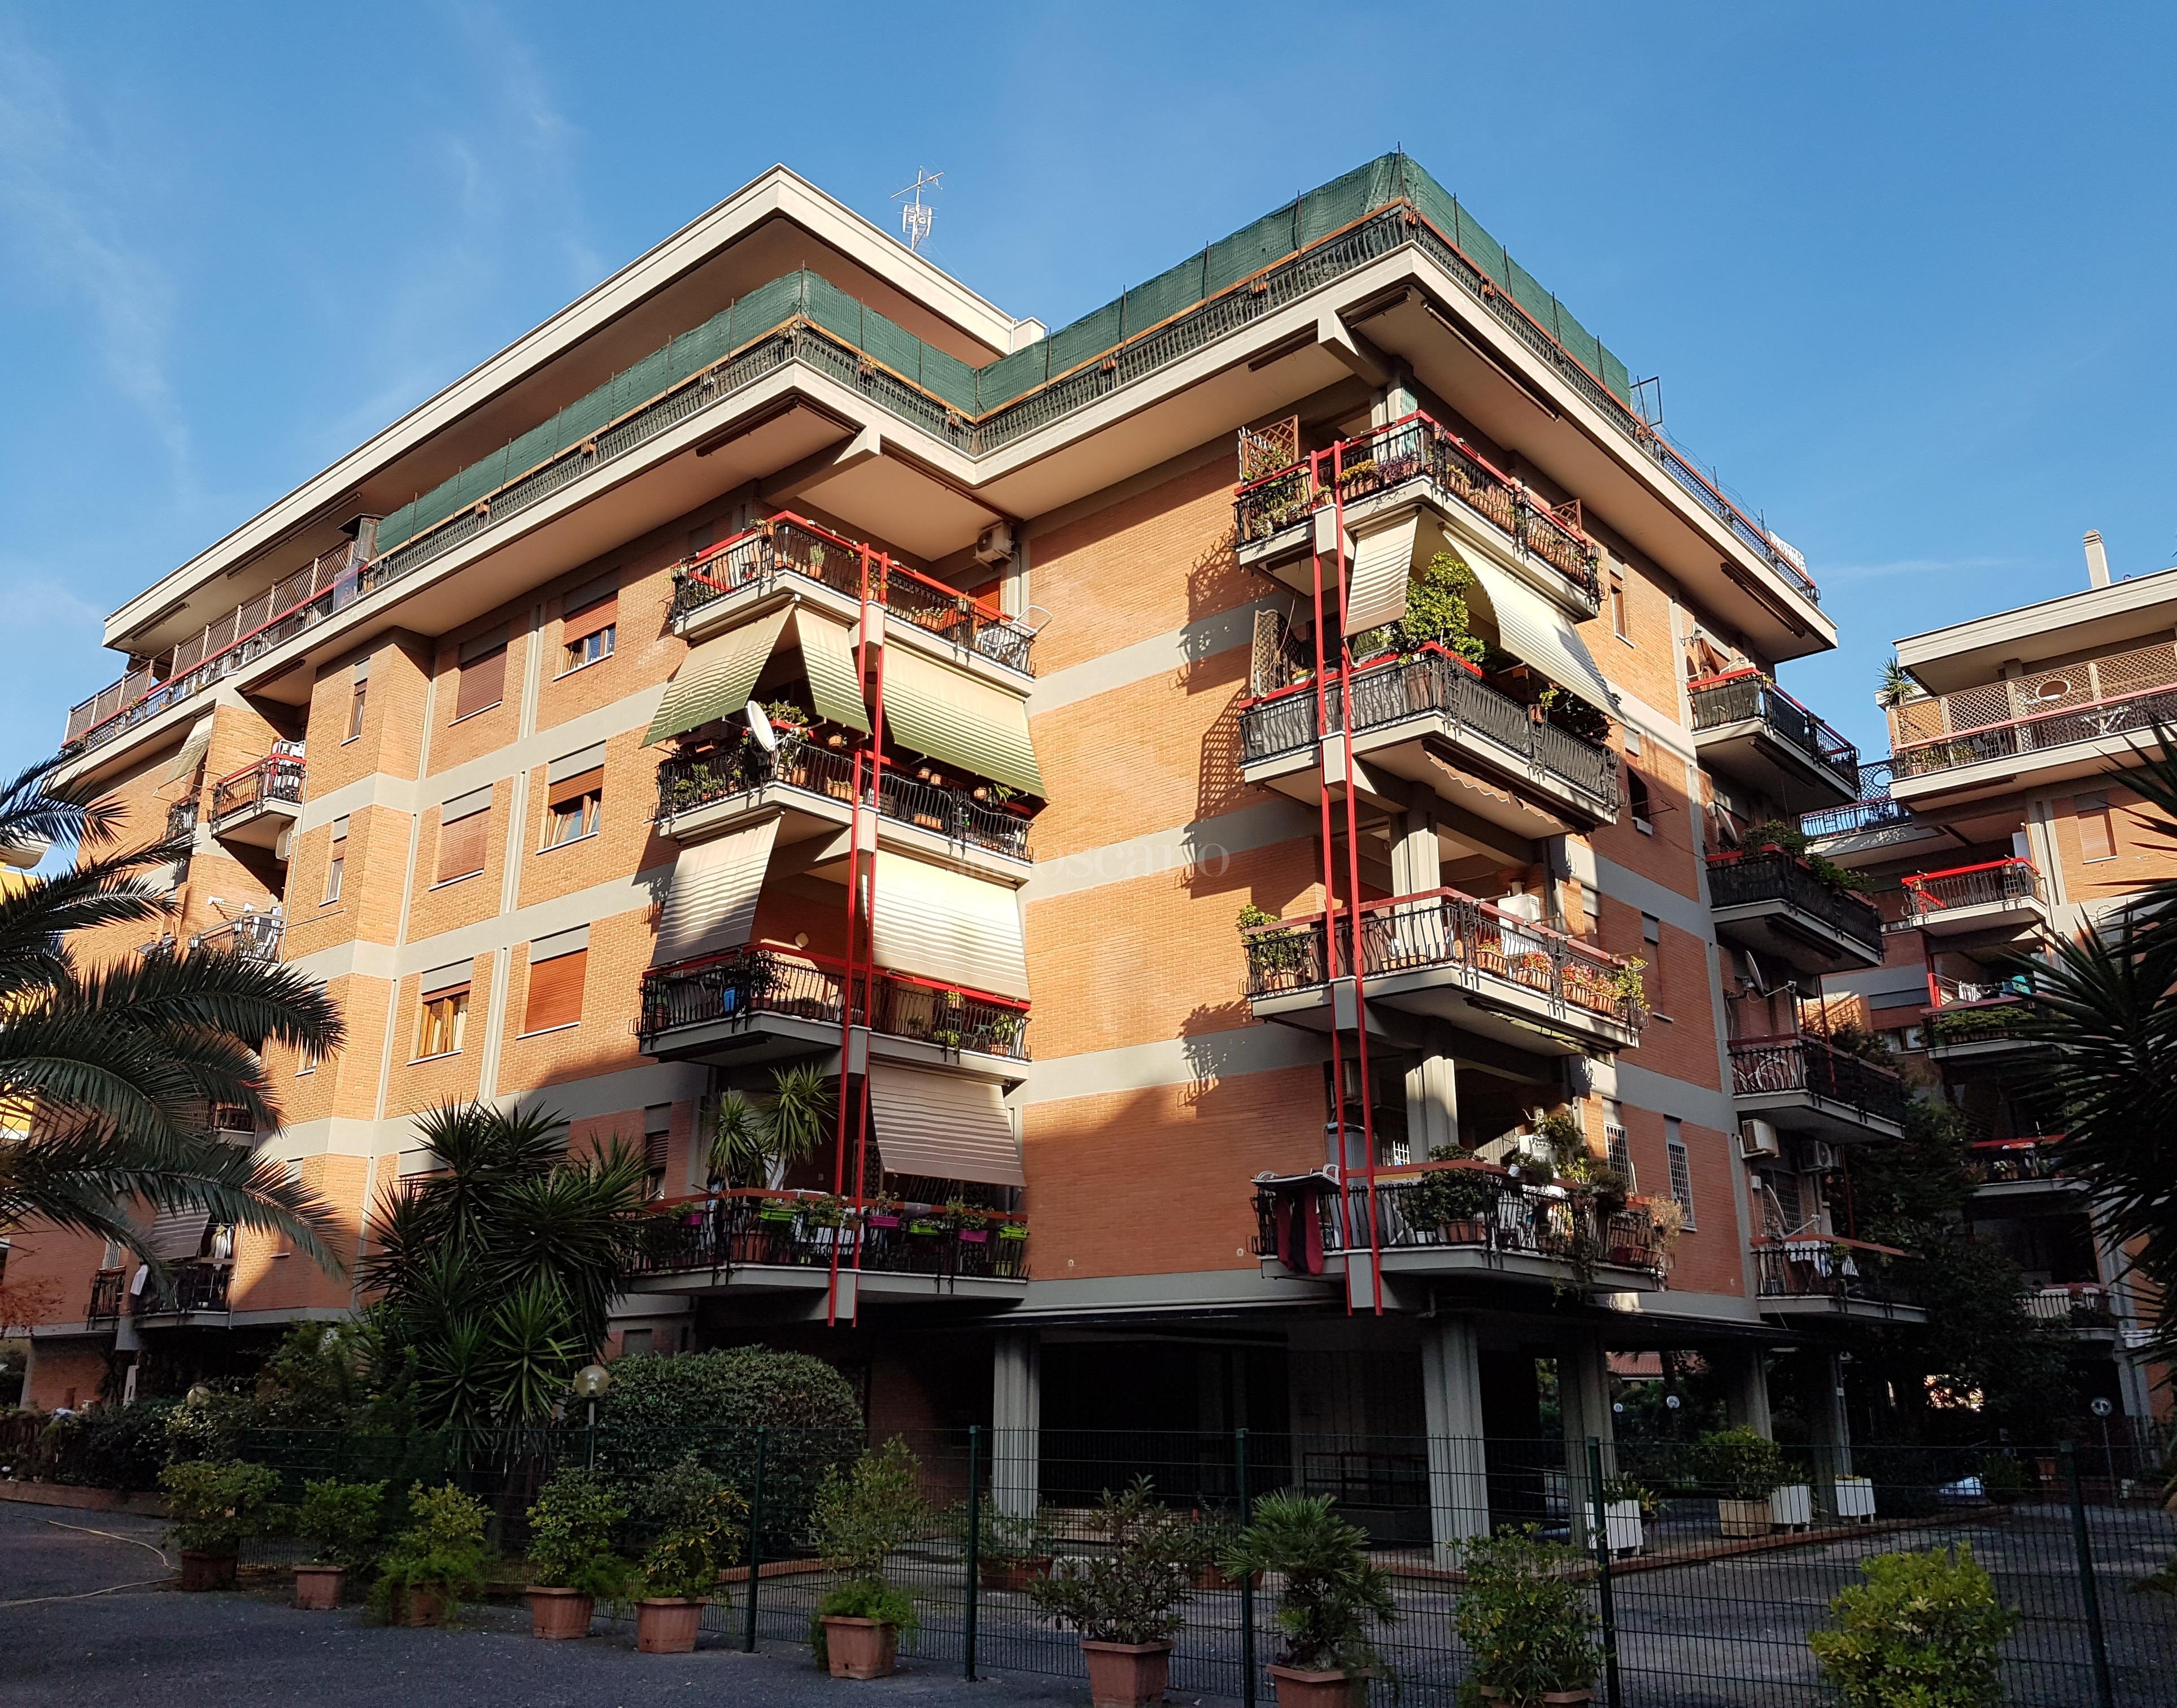 Vendita casa a roma in promontori lido nord ostia levante for Casa a roma vendita